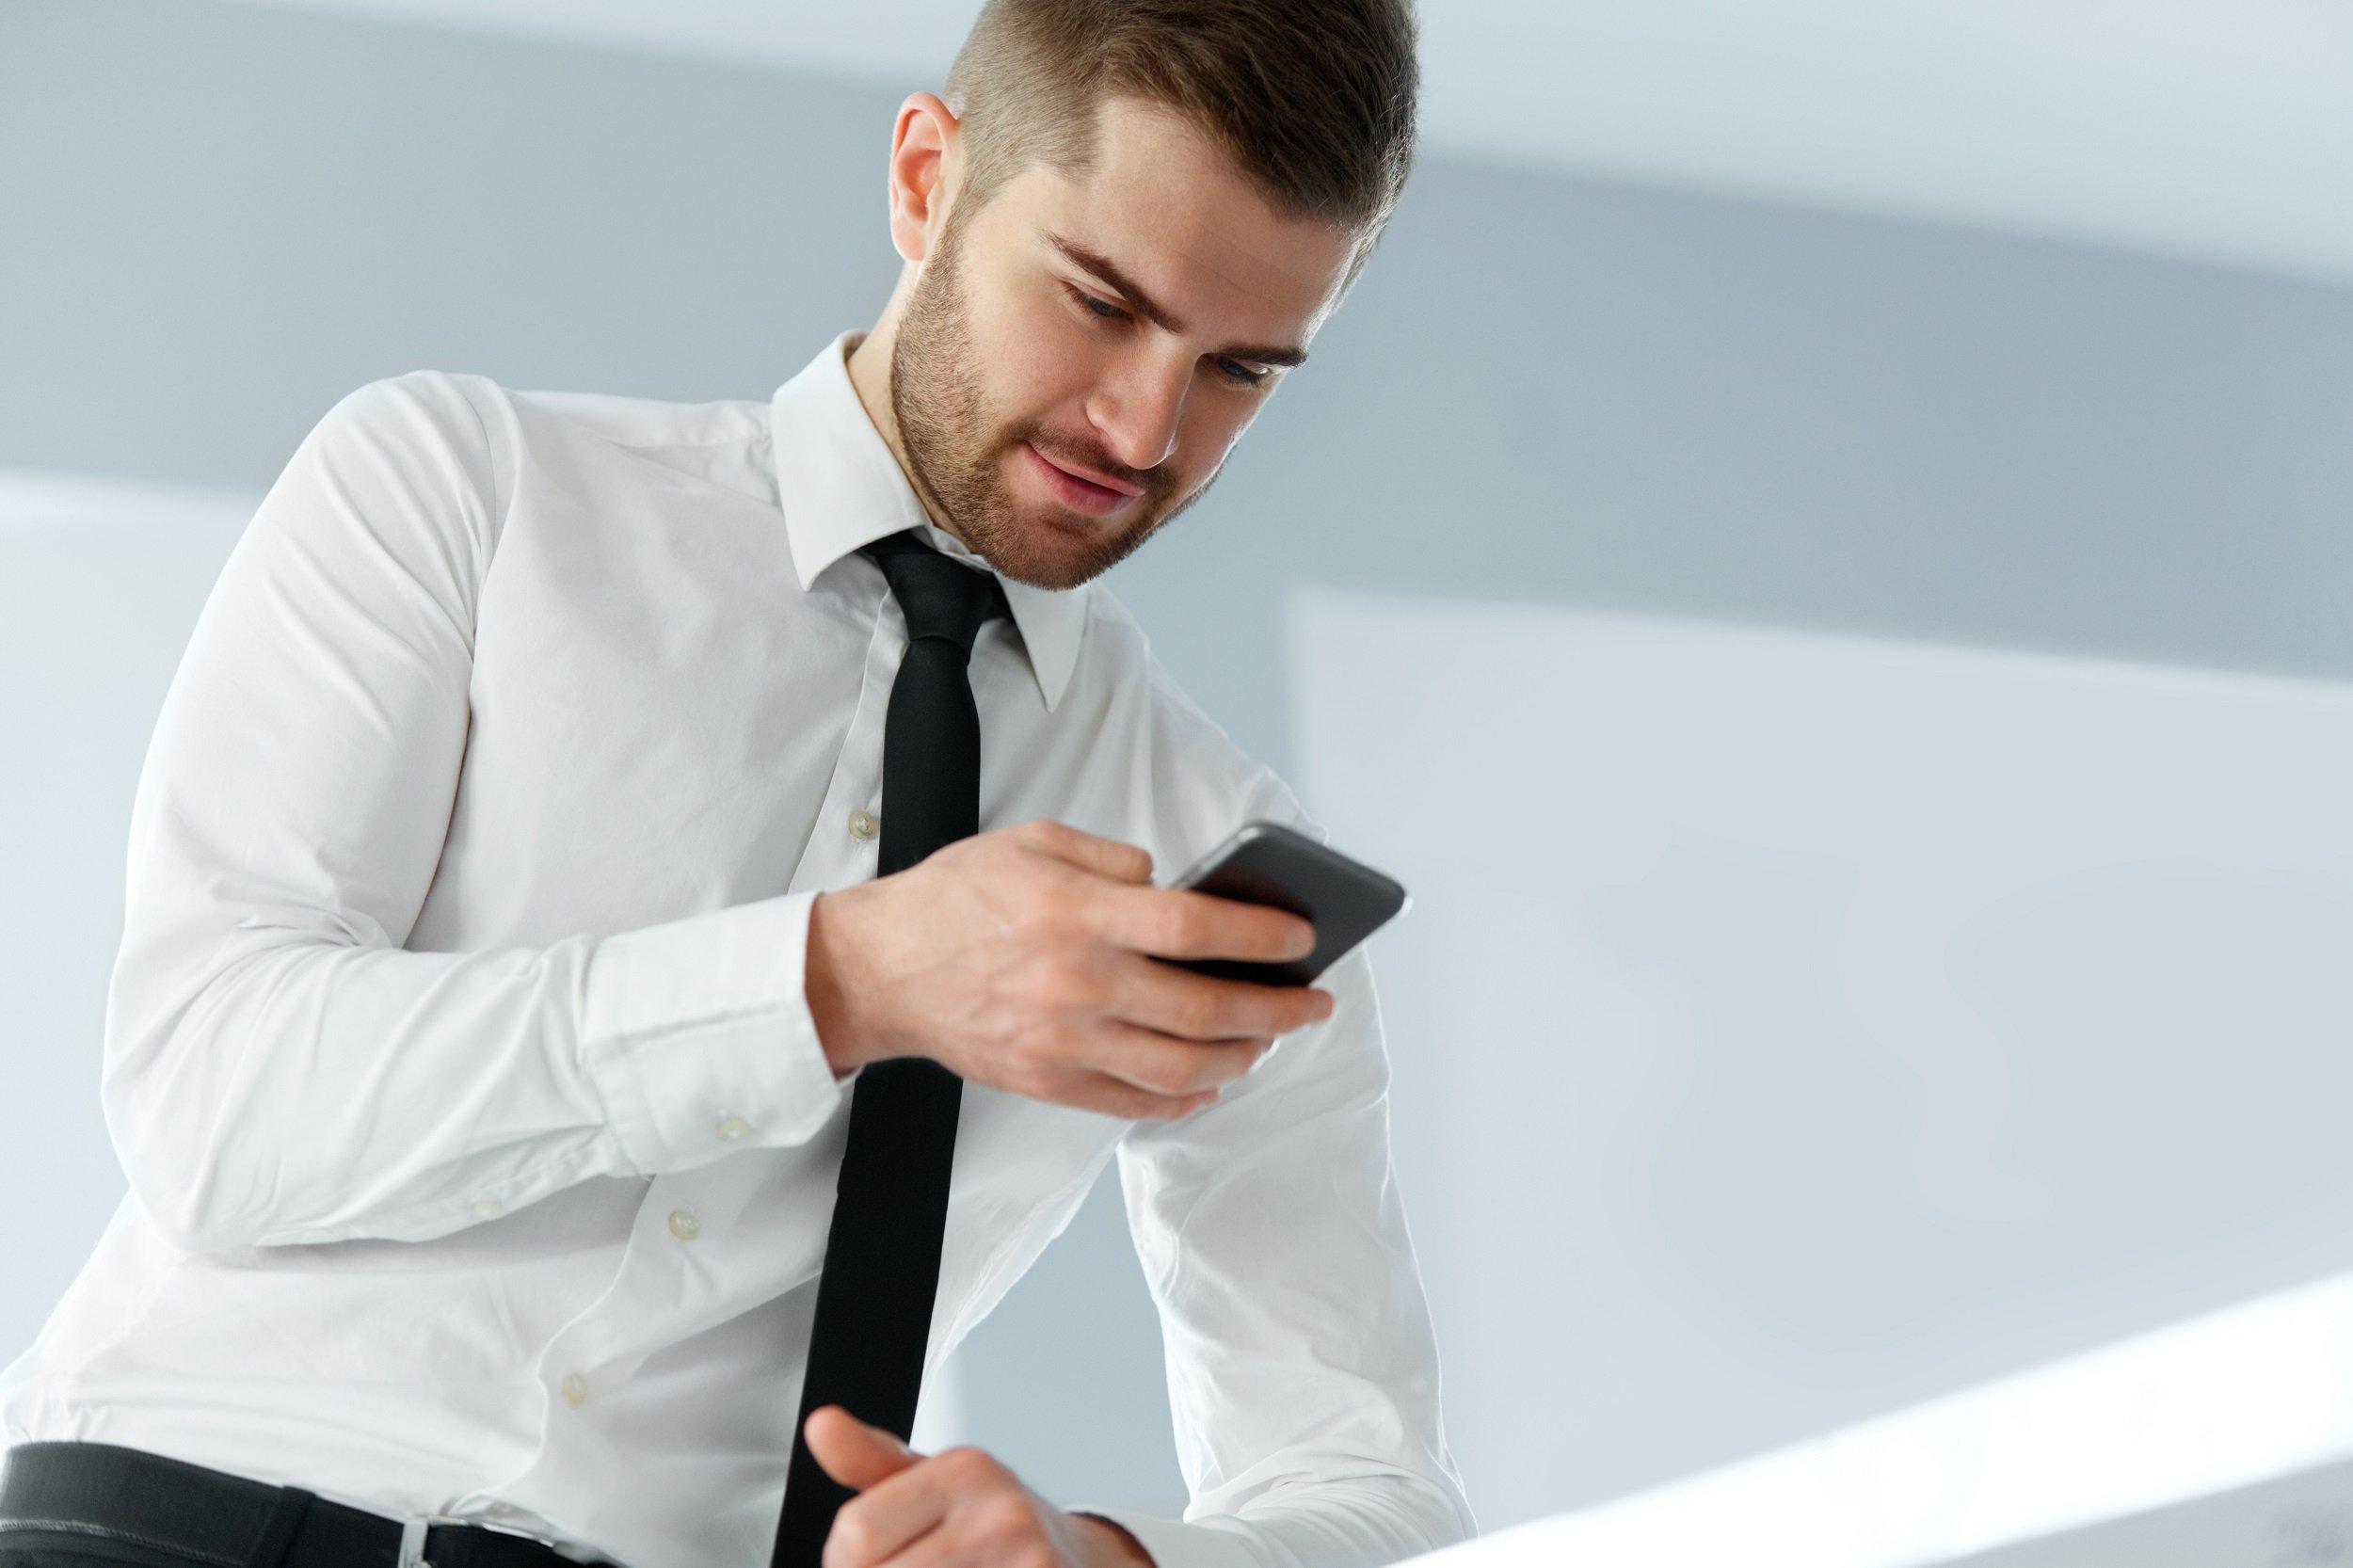 человек с телефоном